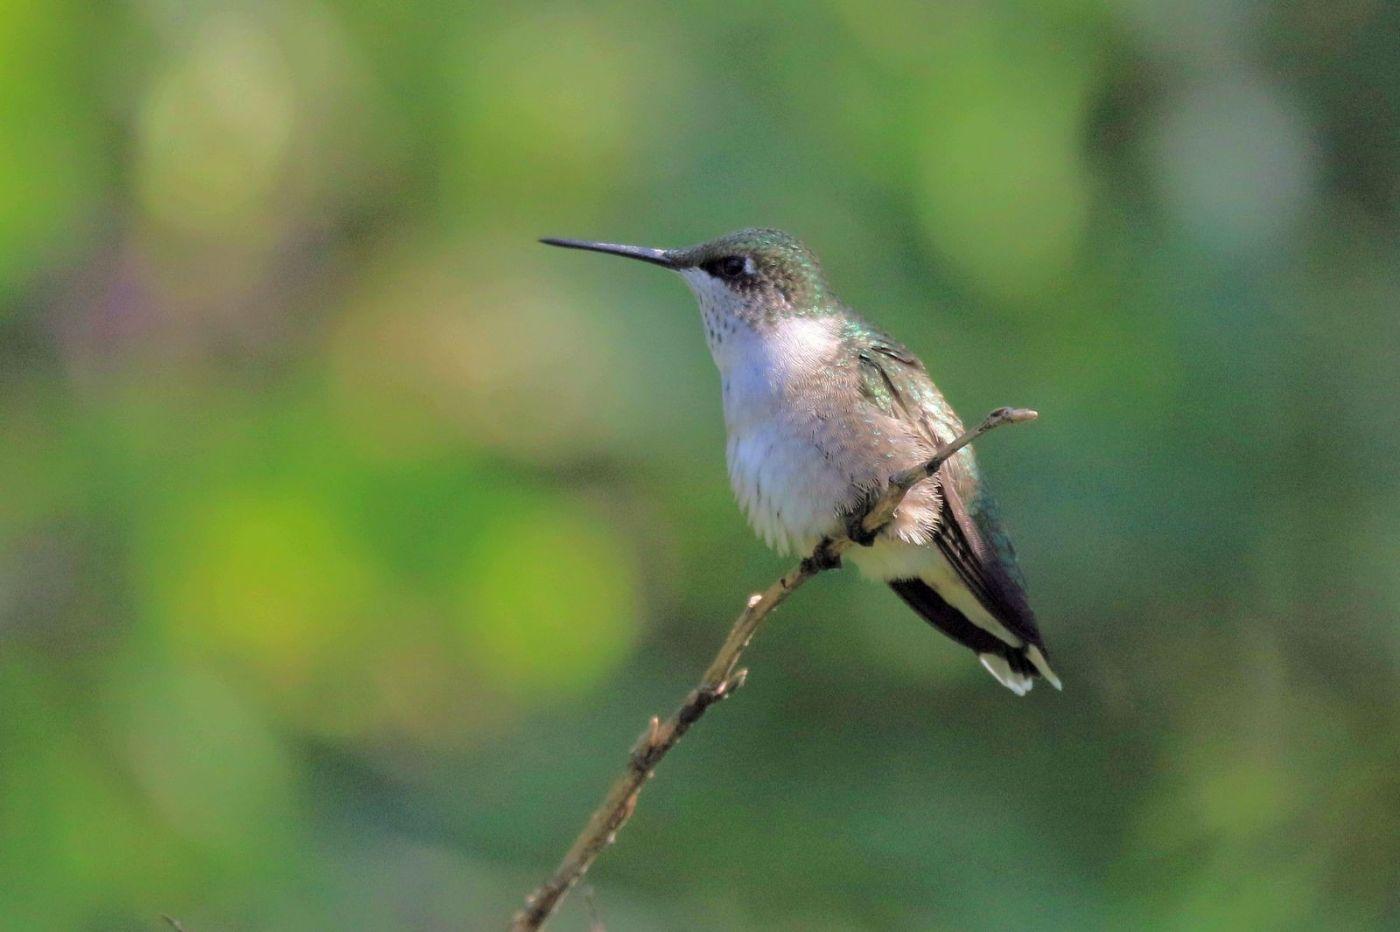 凯辛娜公园拍的蜂鸟_图1-16